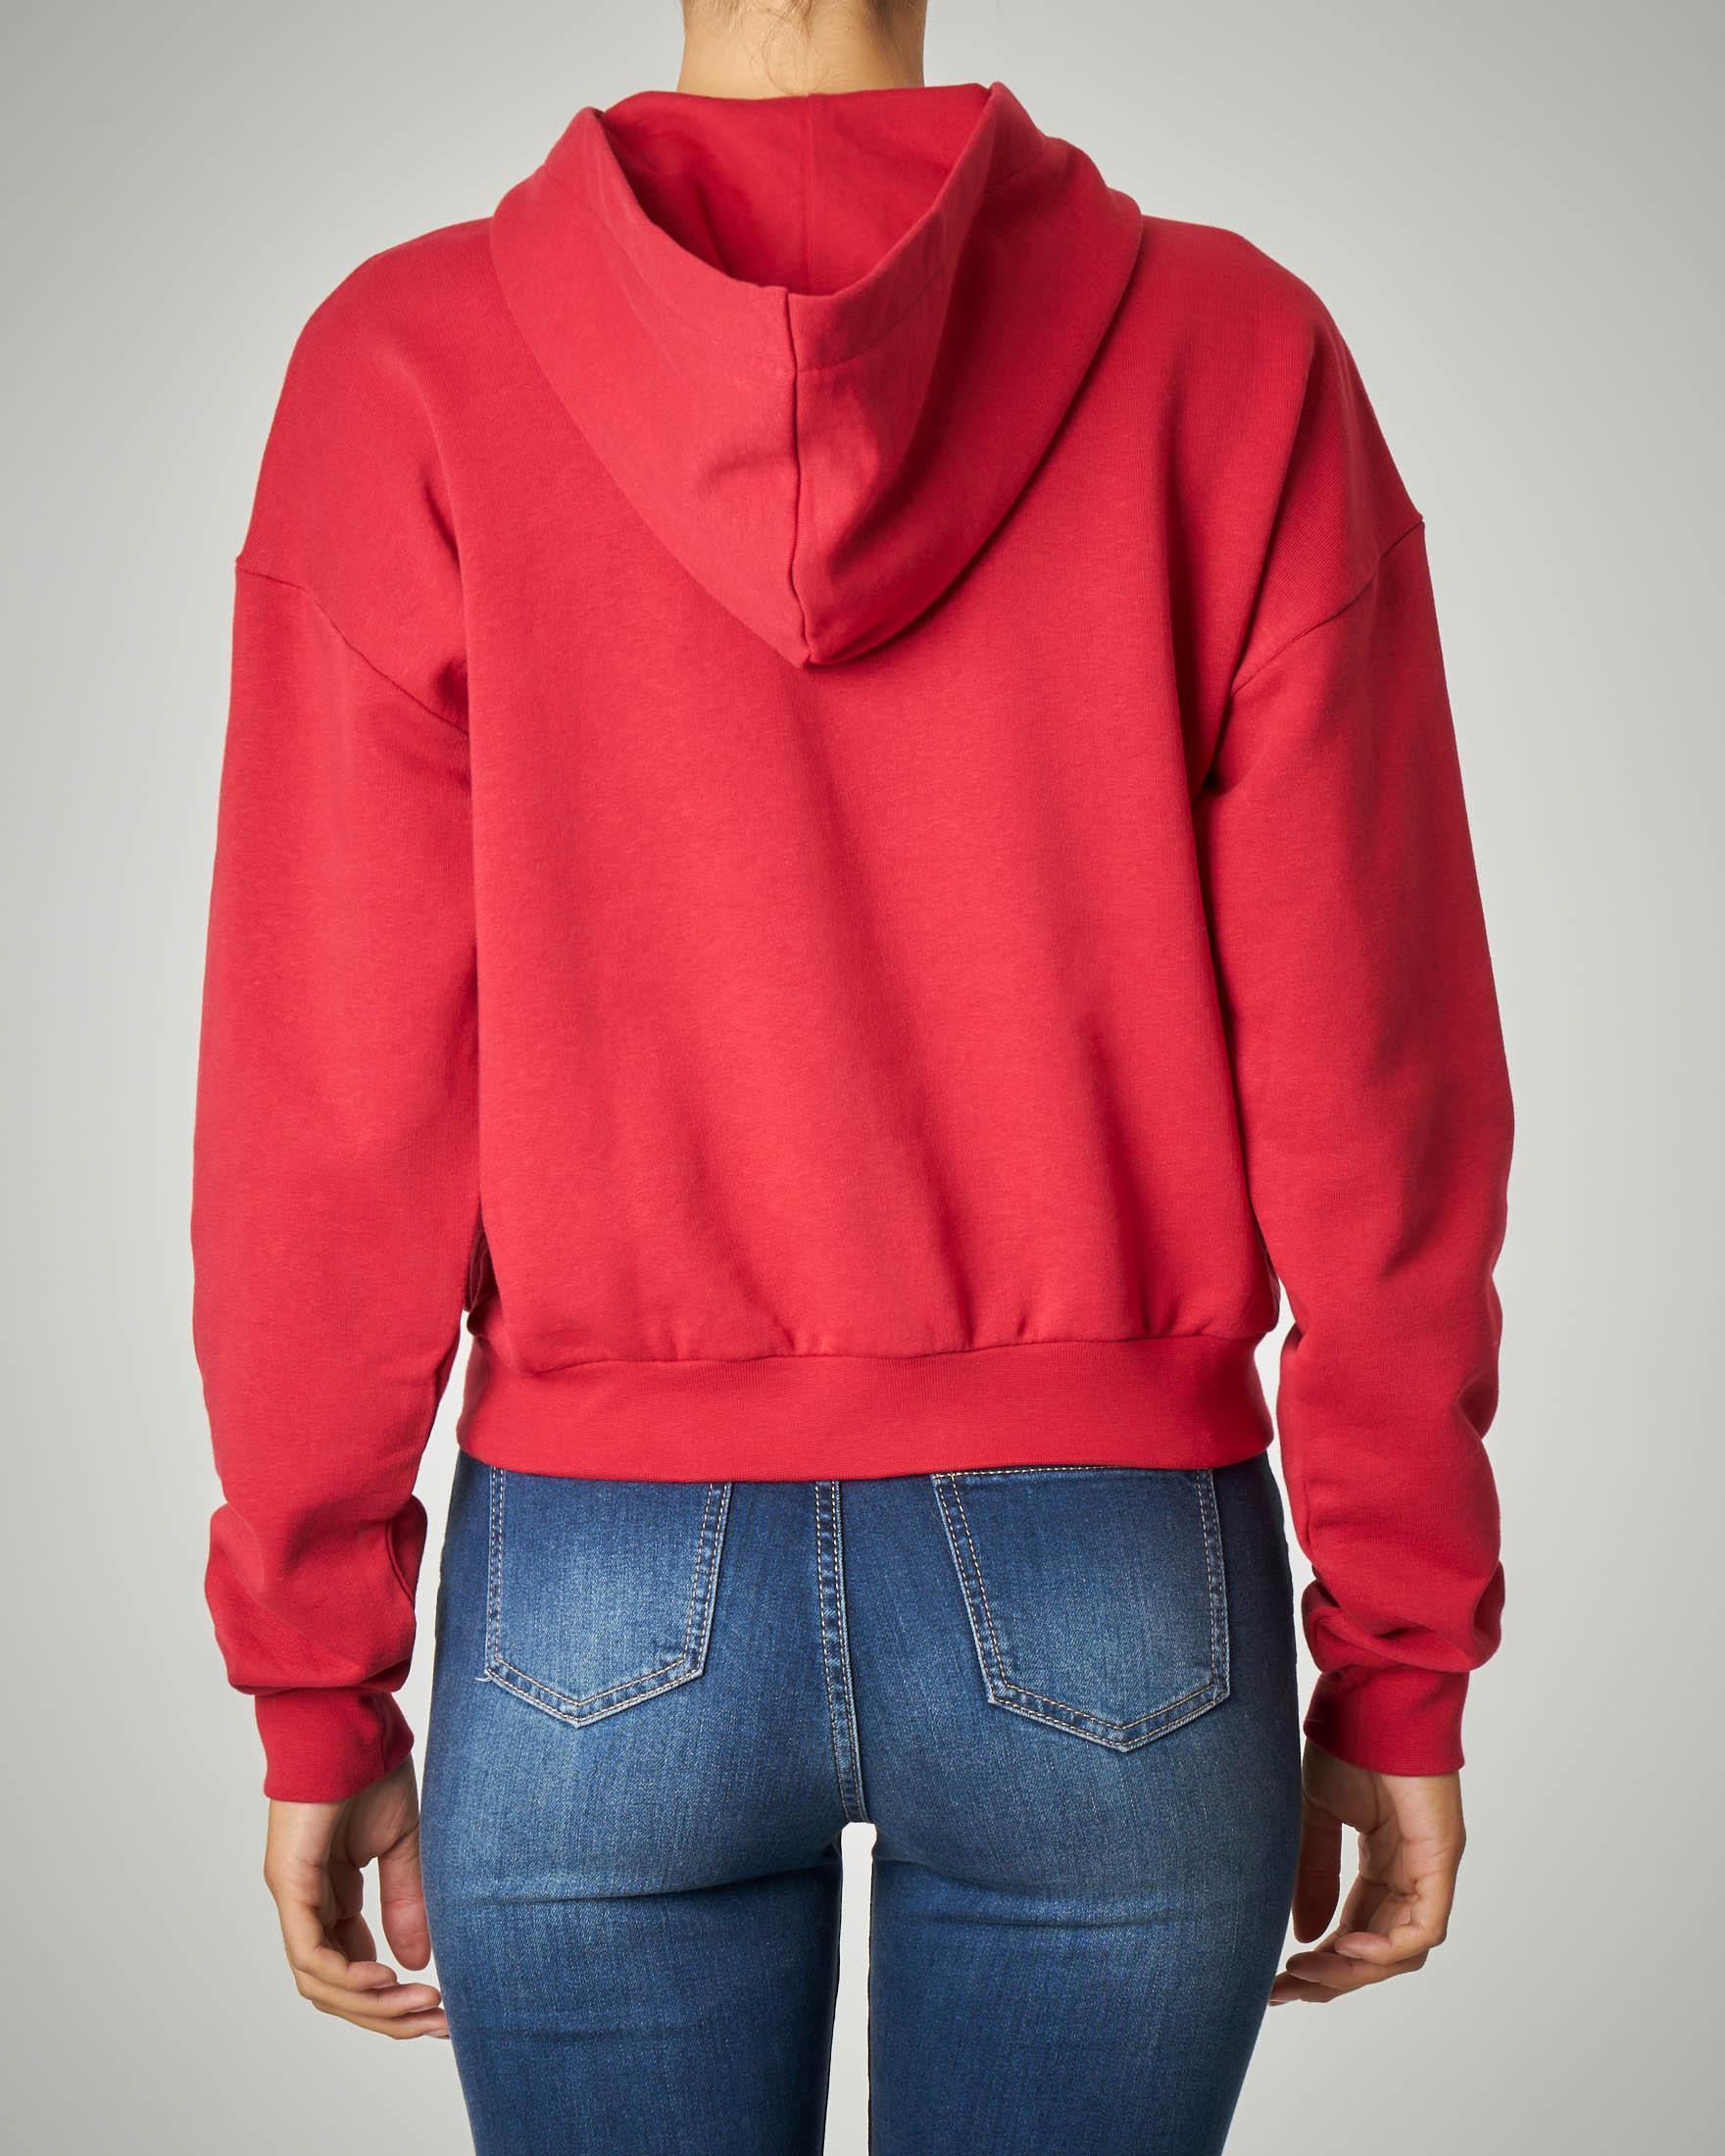 Felpa rossa stampata con cappuccio